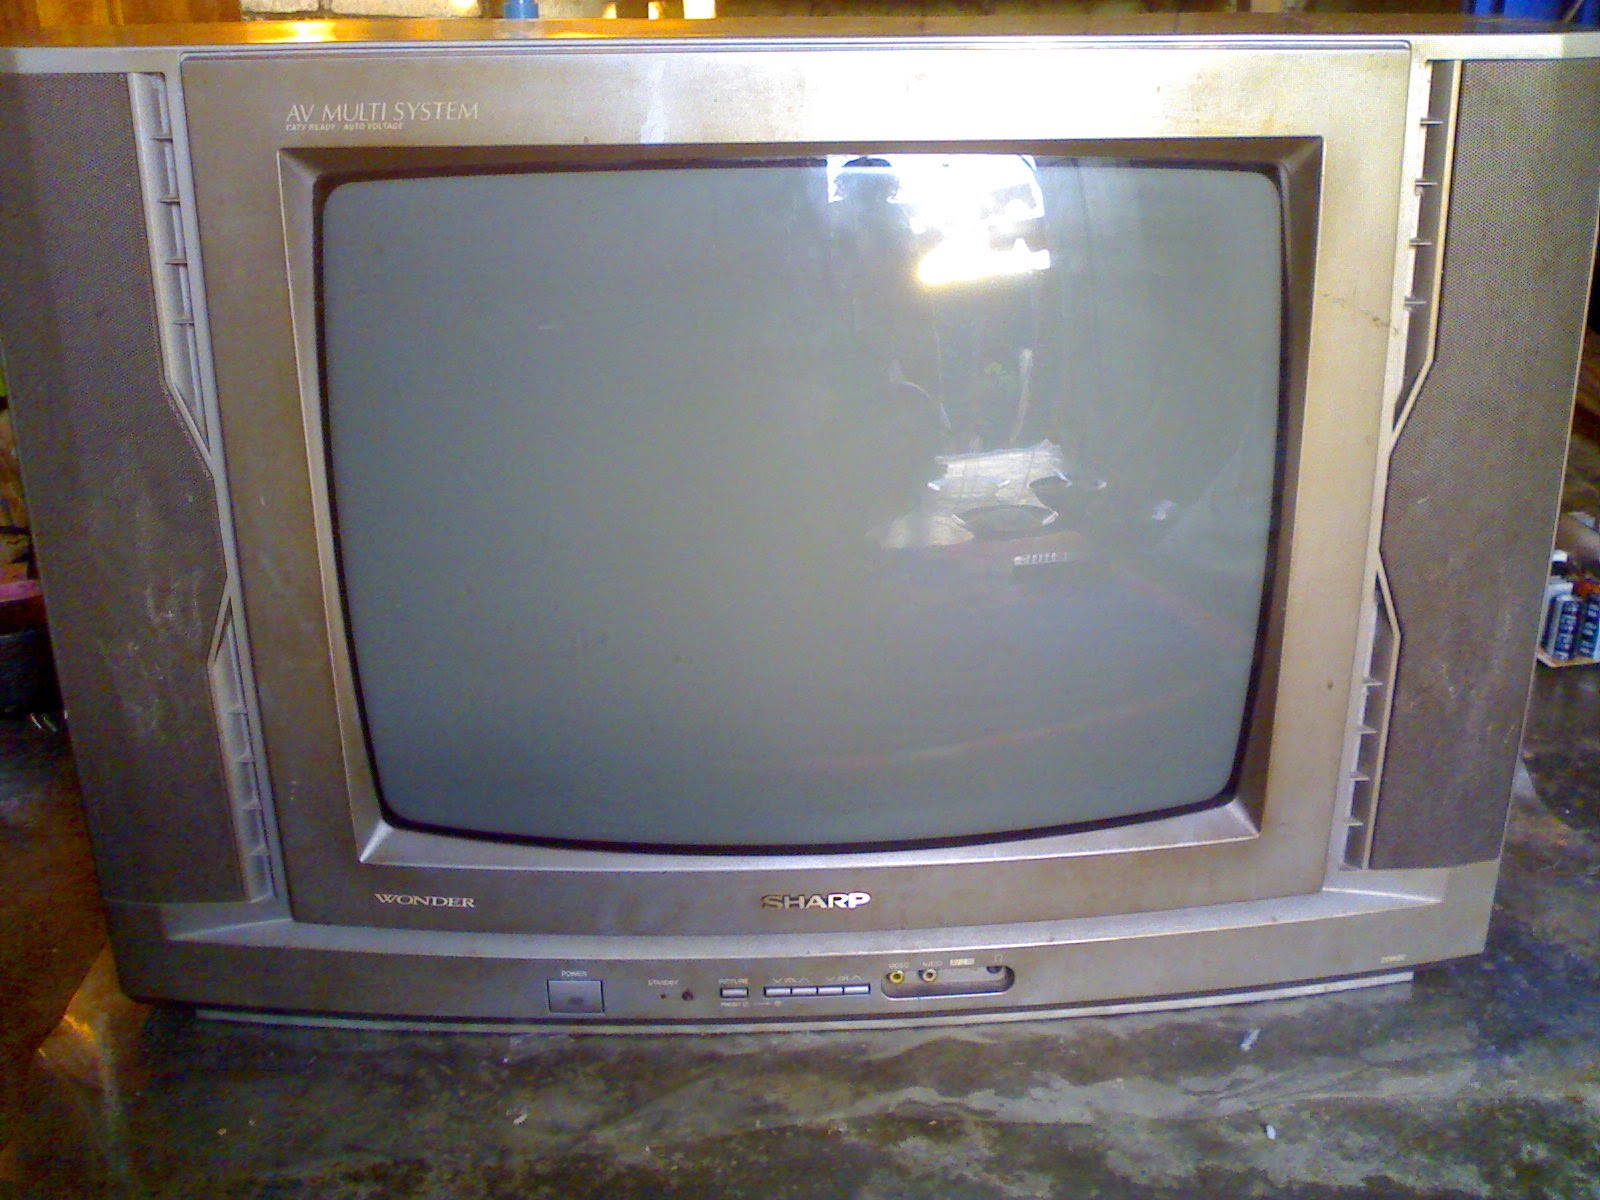 SINAU BARENG SECARA ONLINE TV SHARP WONDER NYALA SEBENTAR